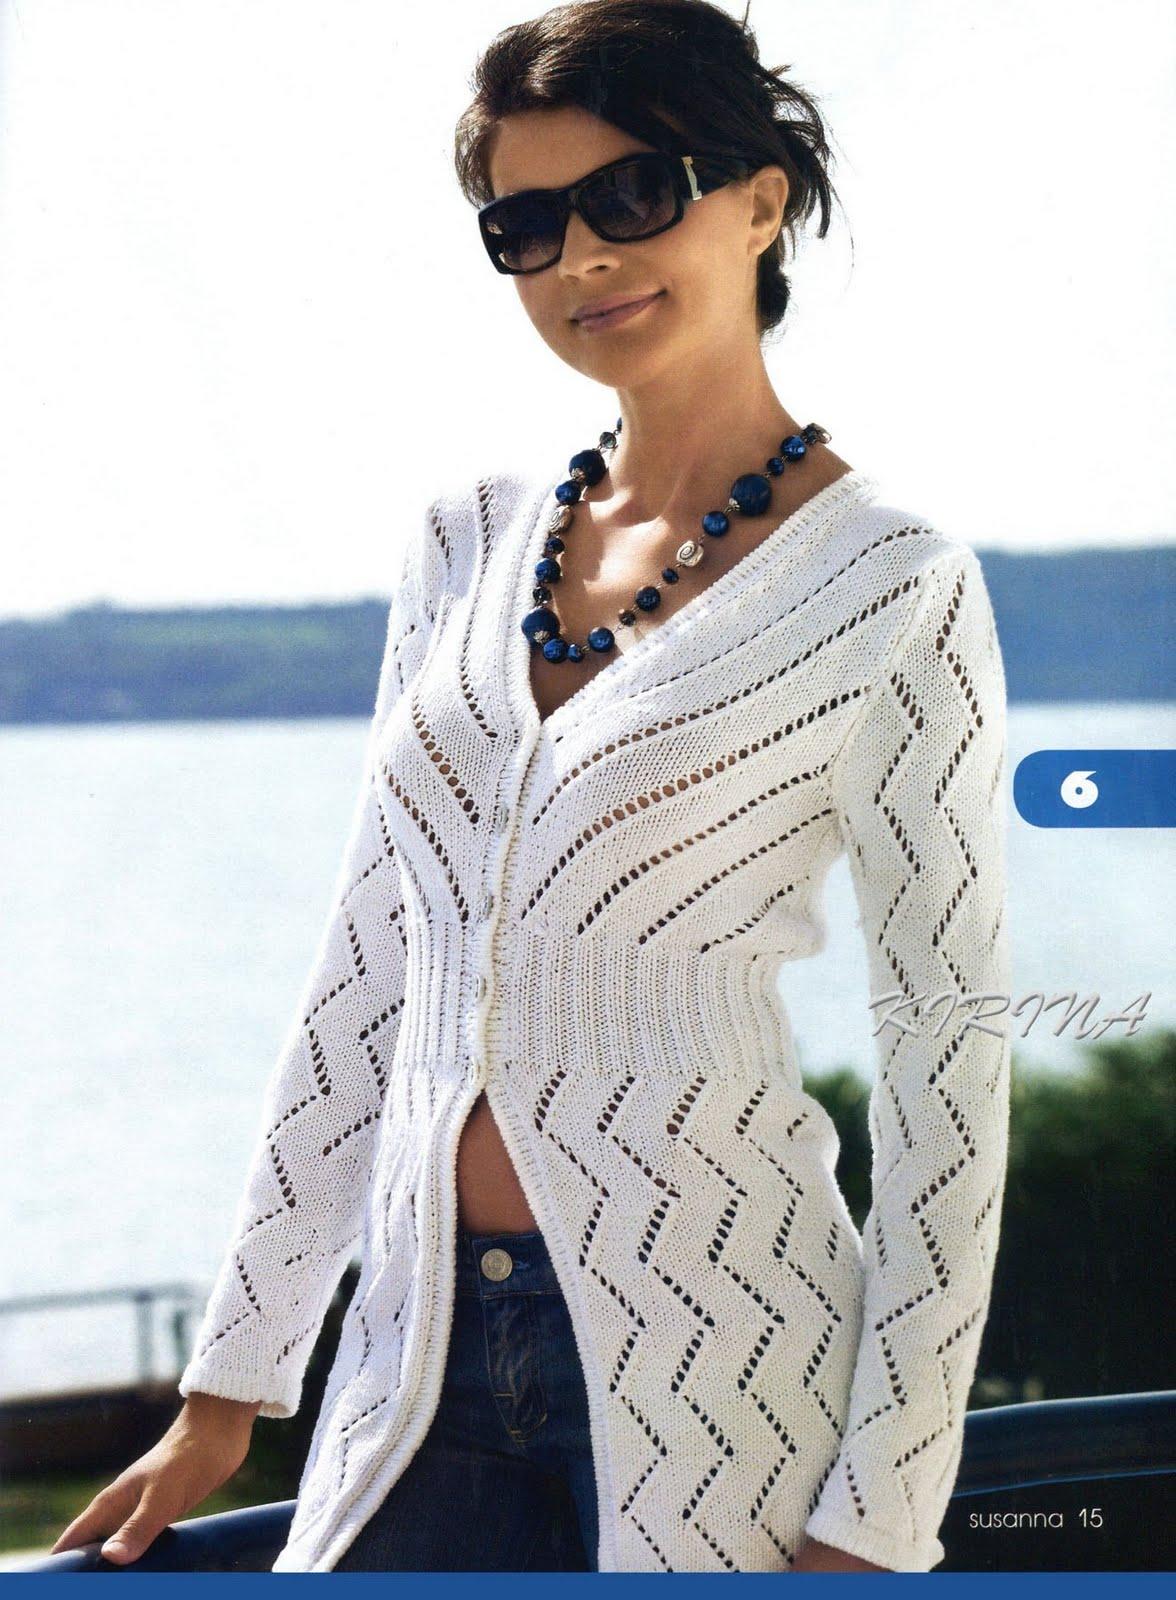 Nov 2, 2013 - вязание спицы жилет - Самое интересное в блогах .